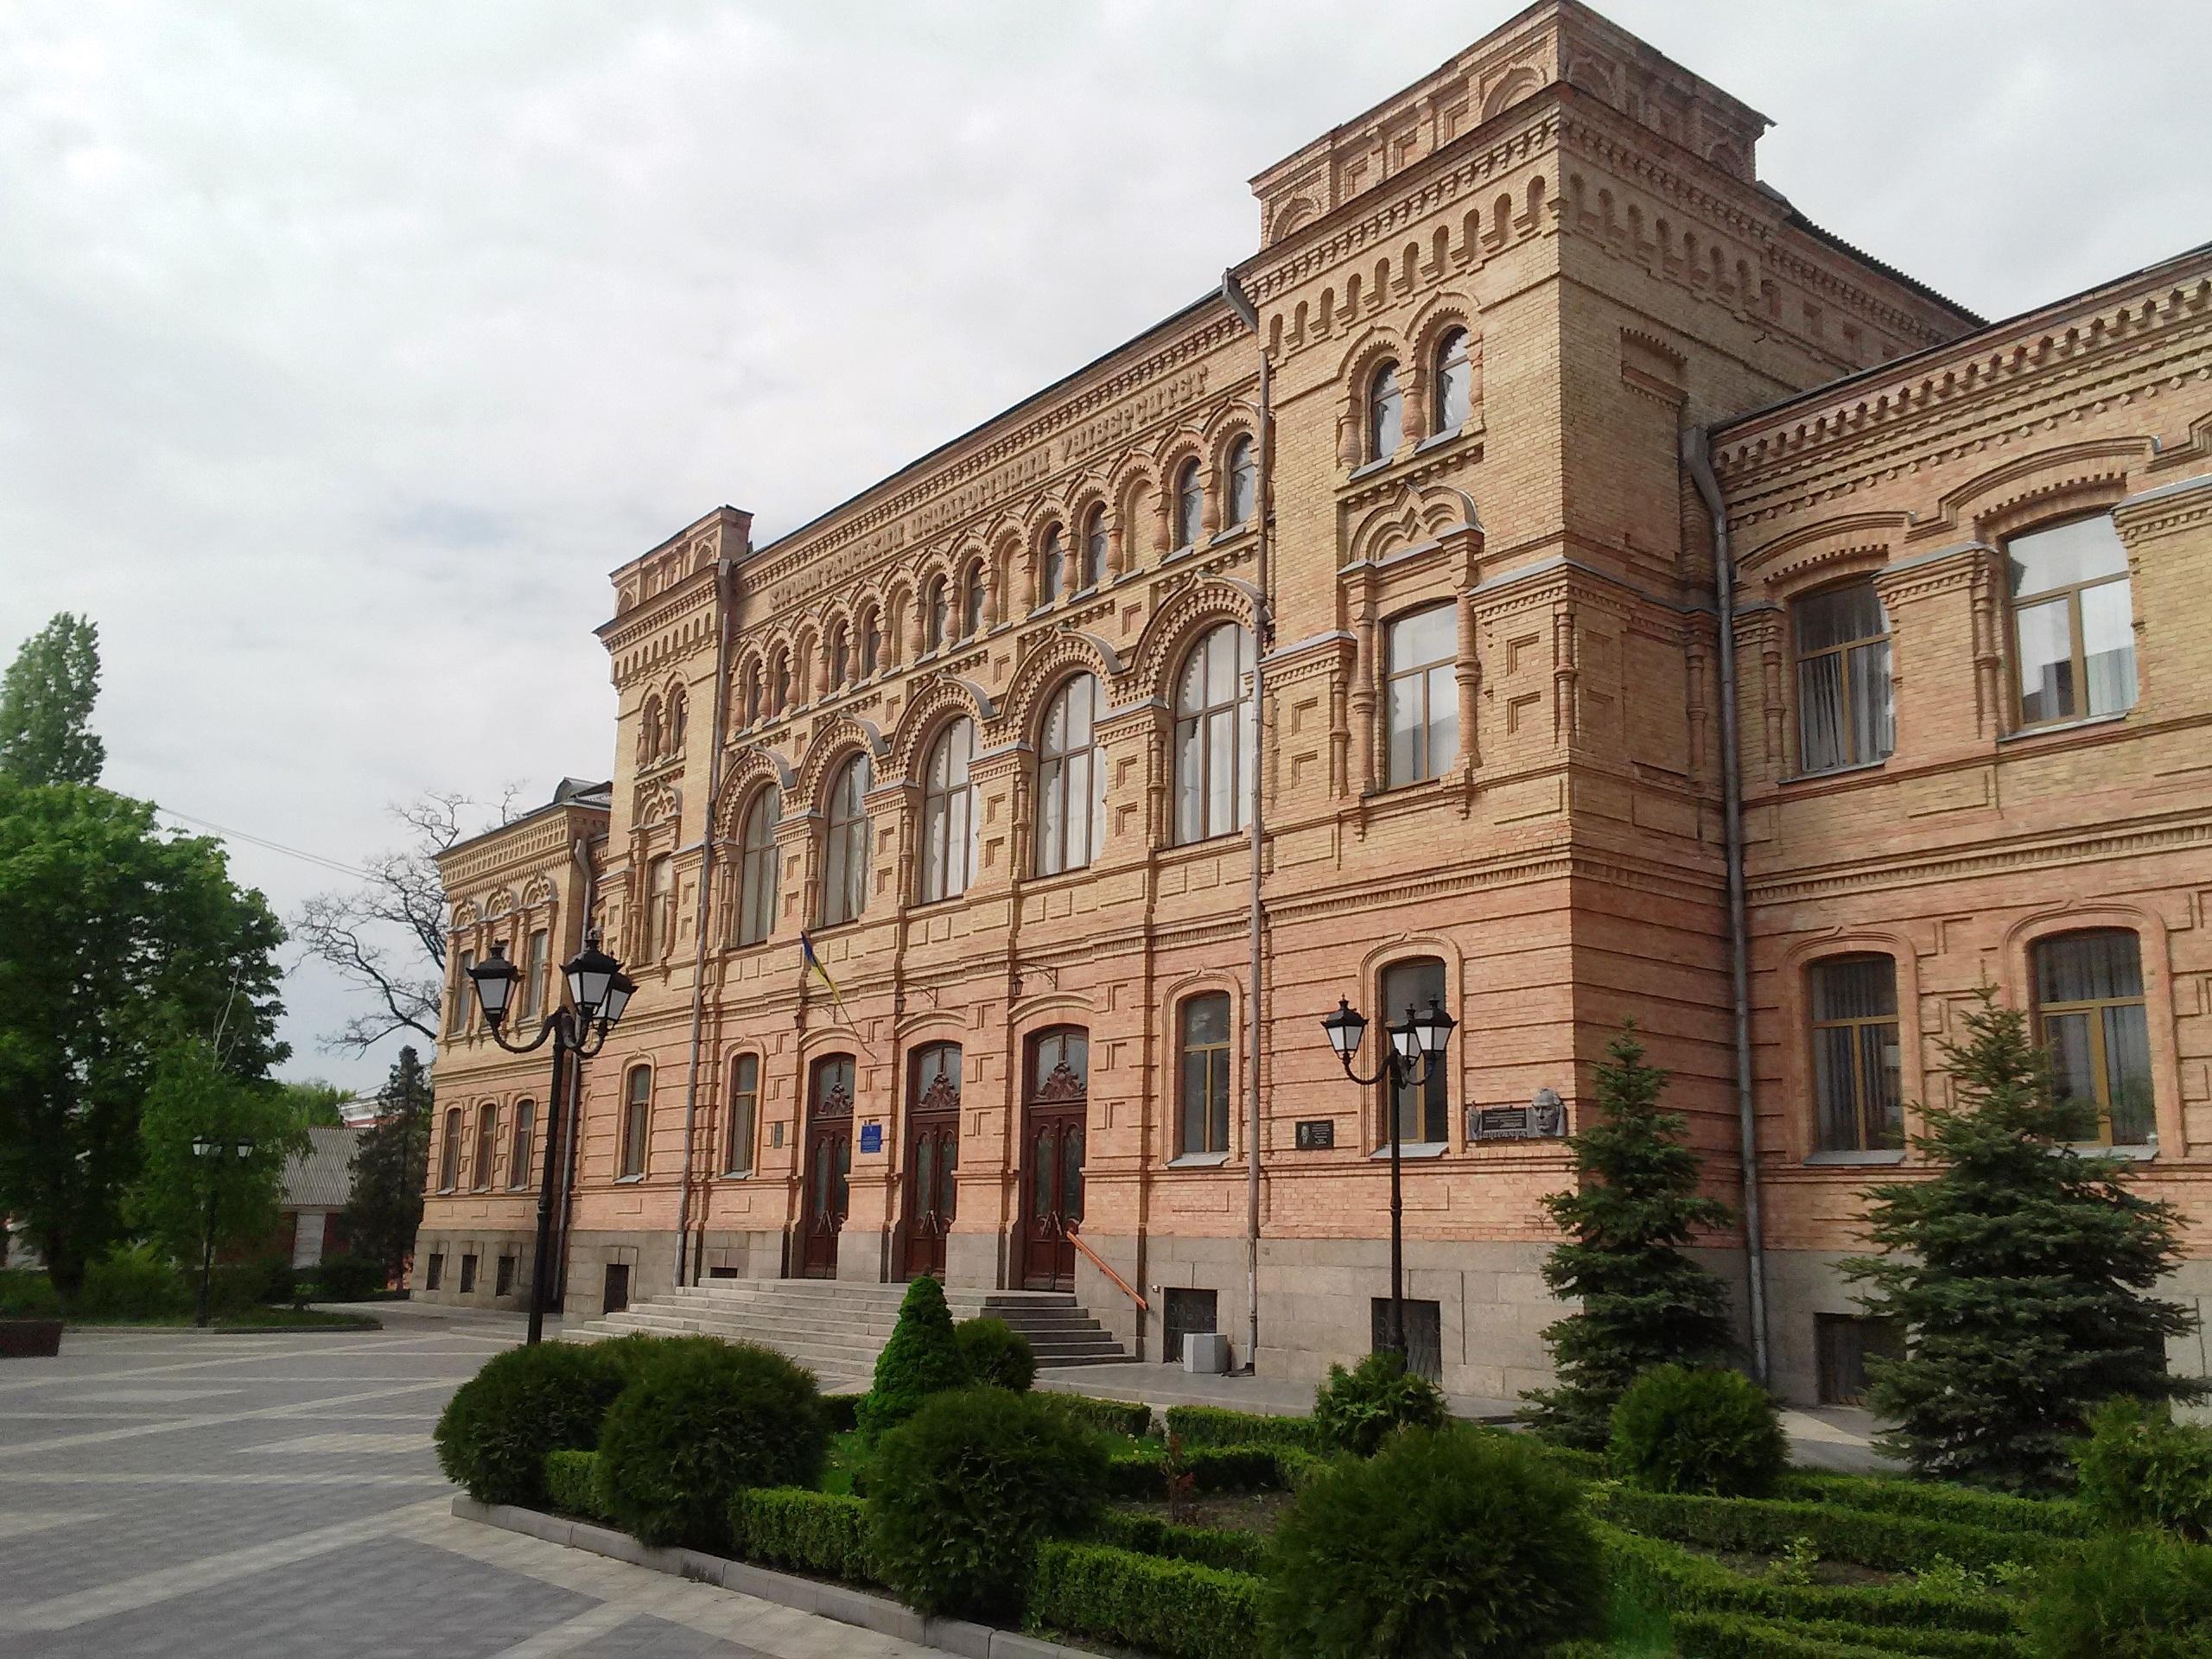 Далі ми побачили кіровоградський державний педагогічний університет імені Володимира Винниченка